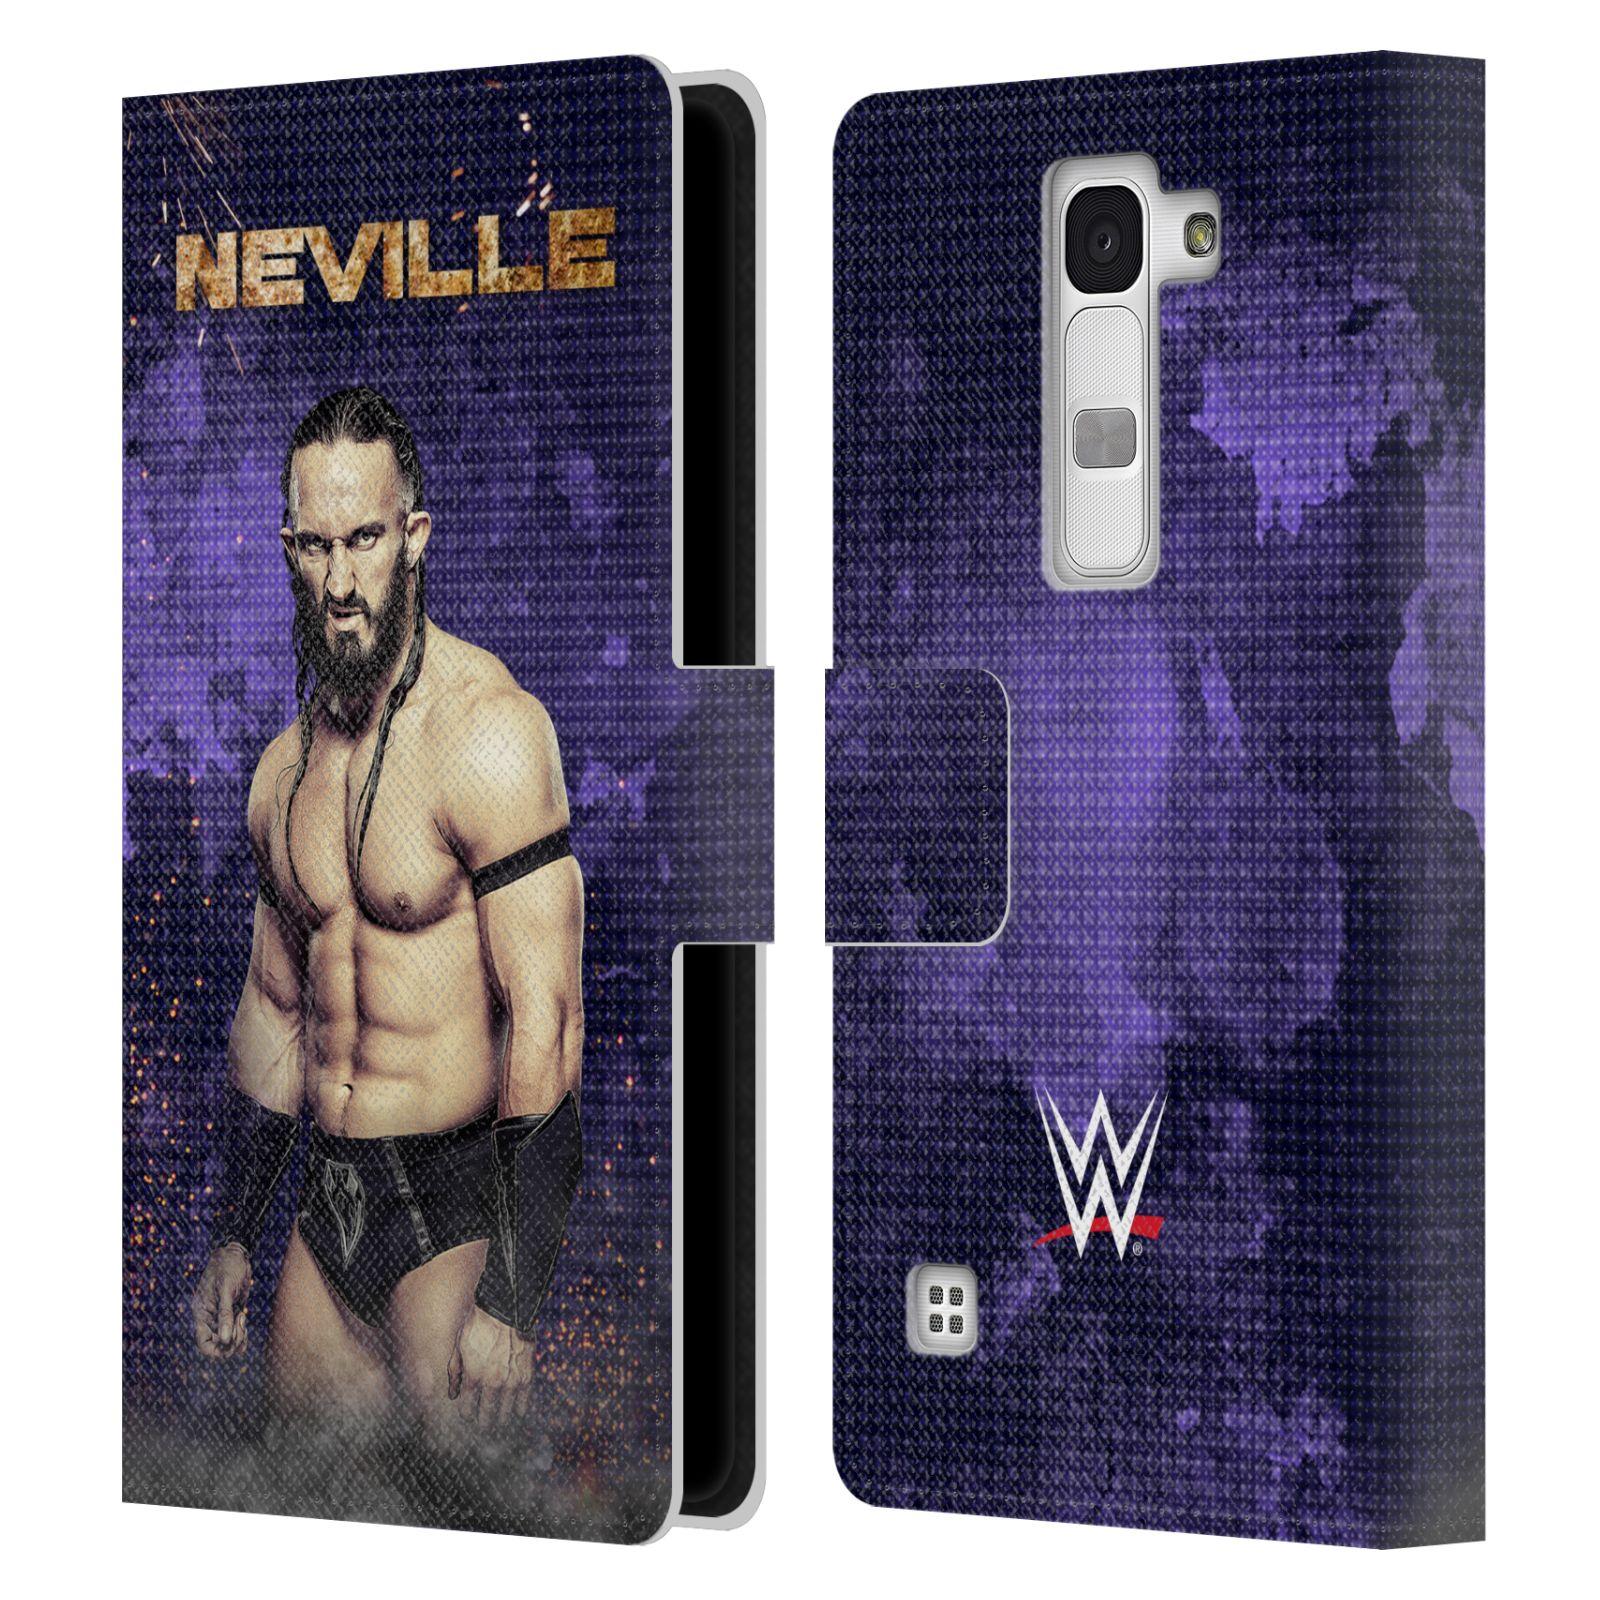 UFFICIALE-WWE-NEVILLE-COVER-A-PORTAFOGLIO-IN-PELLE-PER-LG-TELEFONI-2